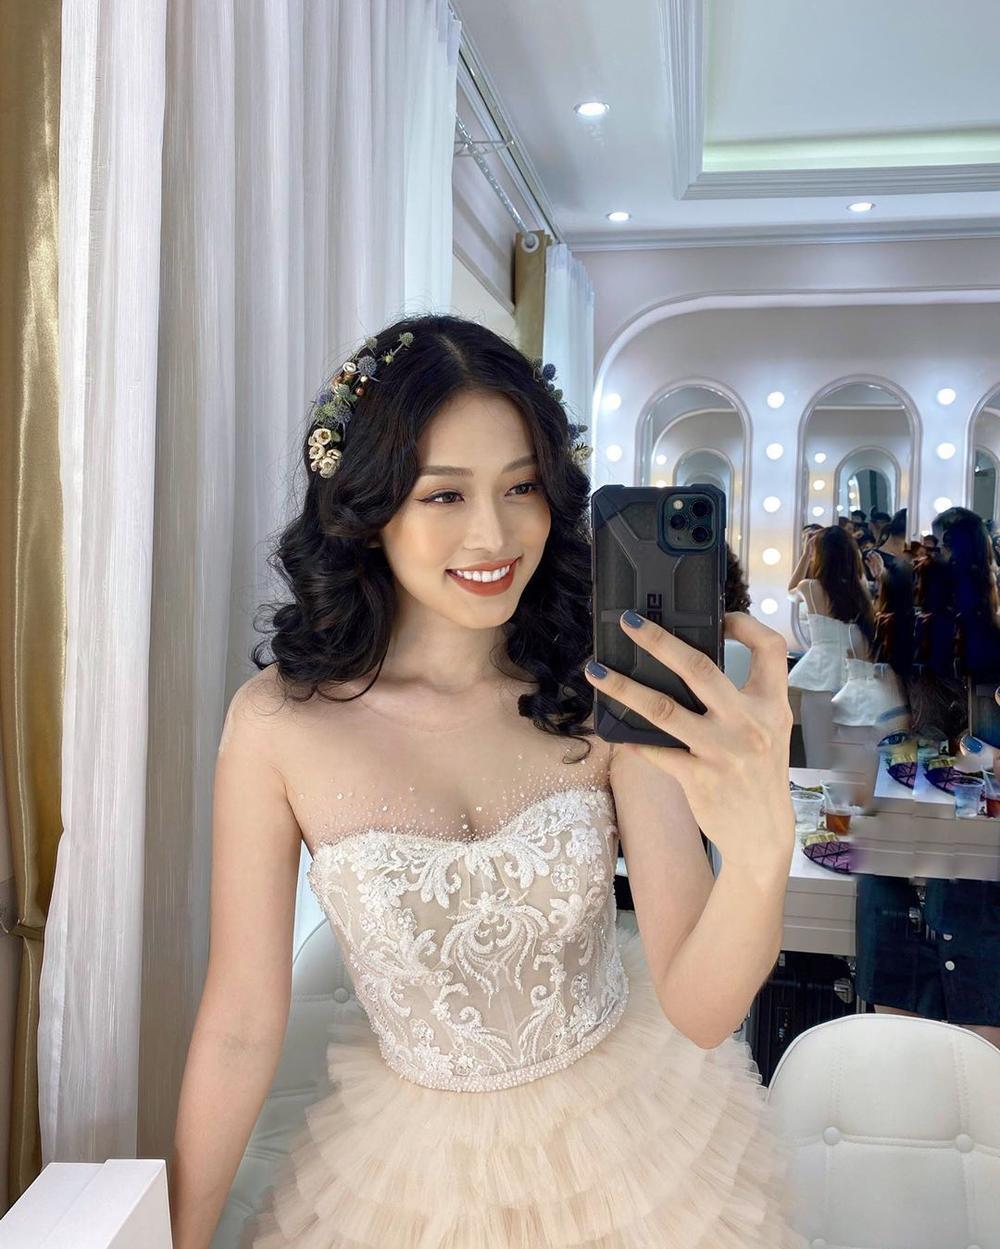 Phương Nga diện váy cưới xinh hết nấc, fan thi nhau chúc mừng chờ đón đám cưới cùng Bình An Ảnh 1